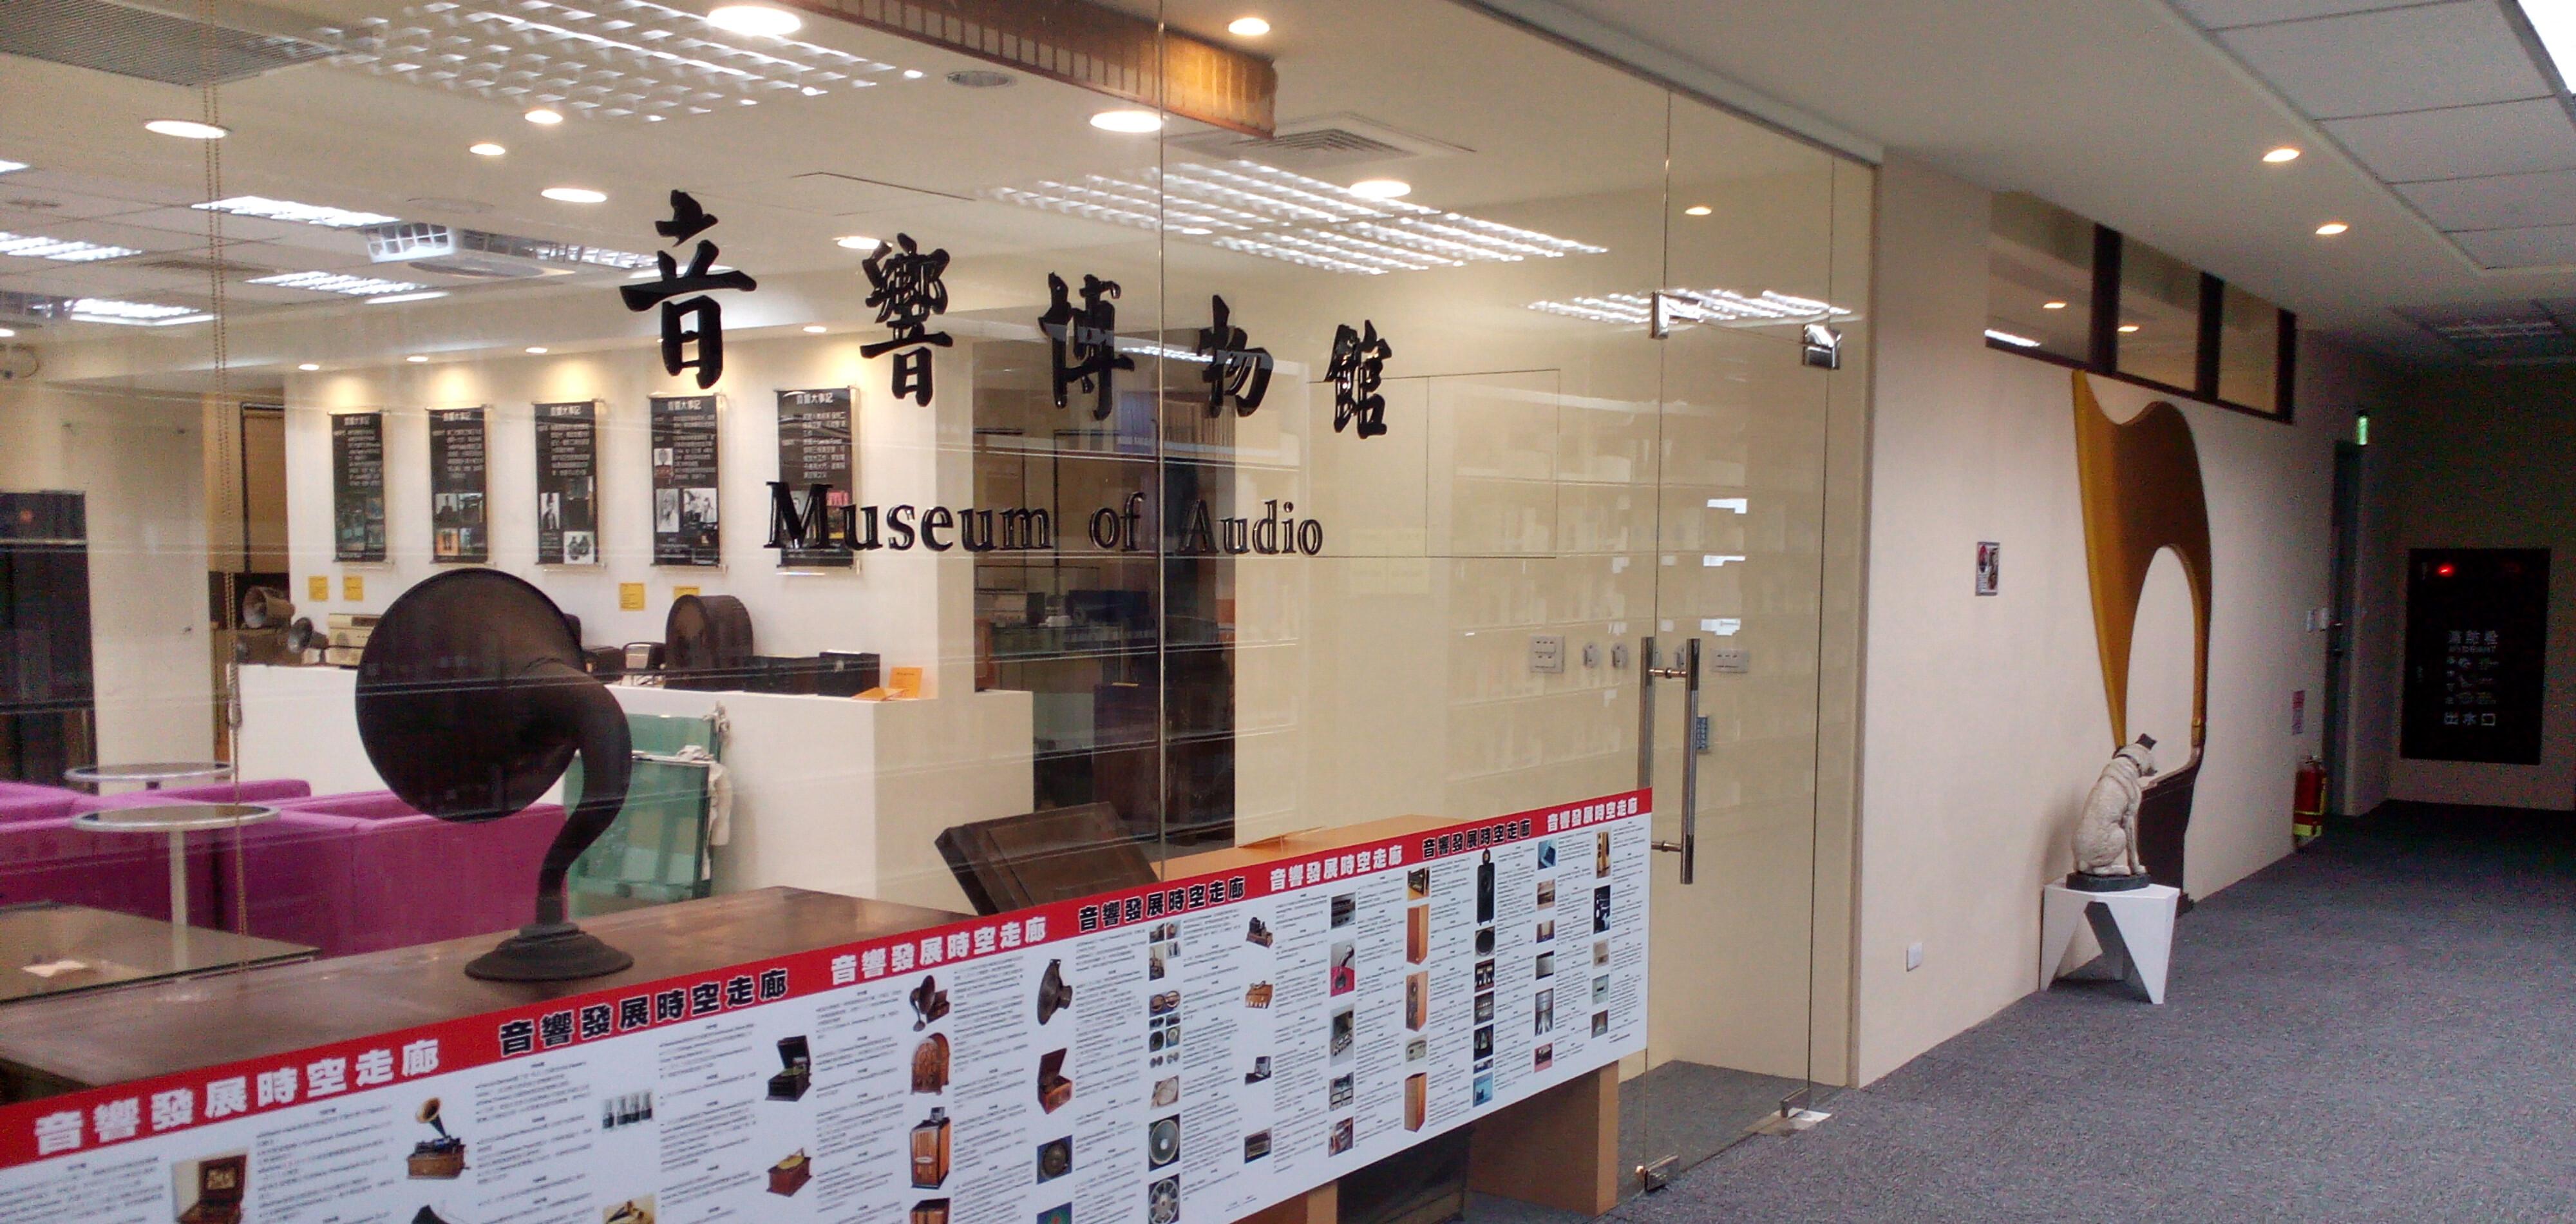 音響博物館